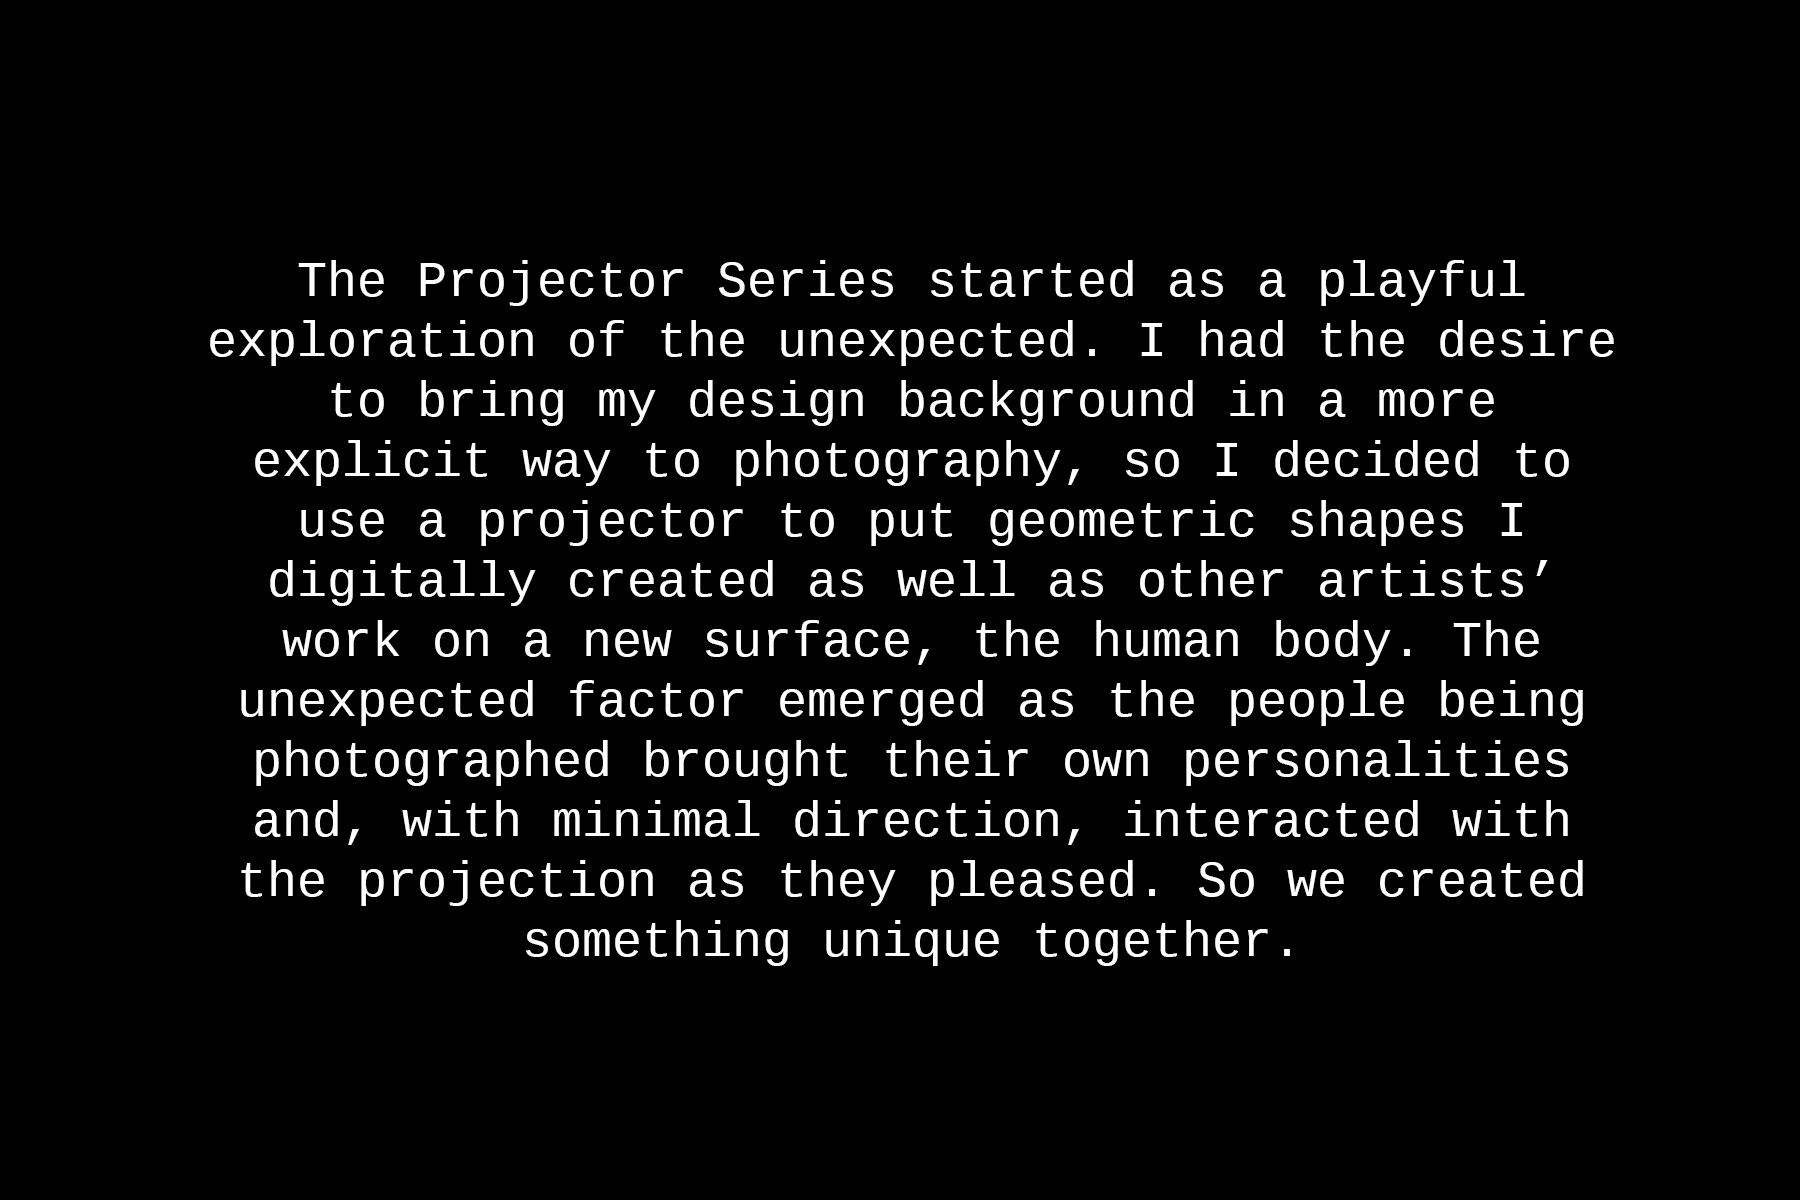 ProjectorSeries Description.jpg